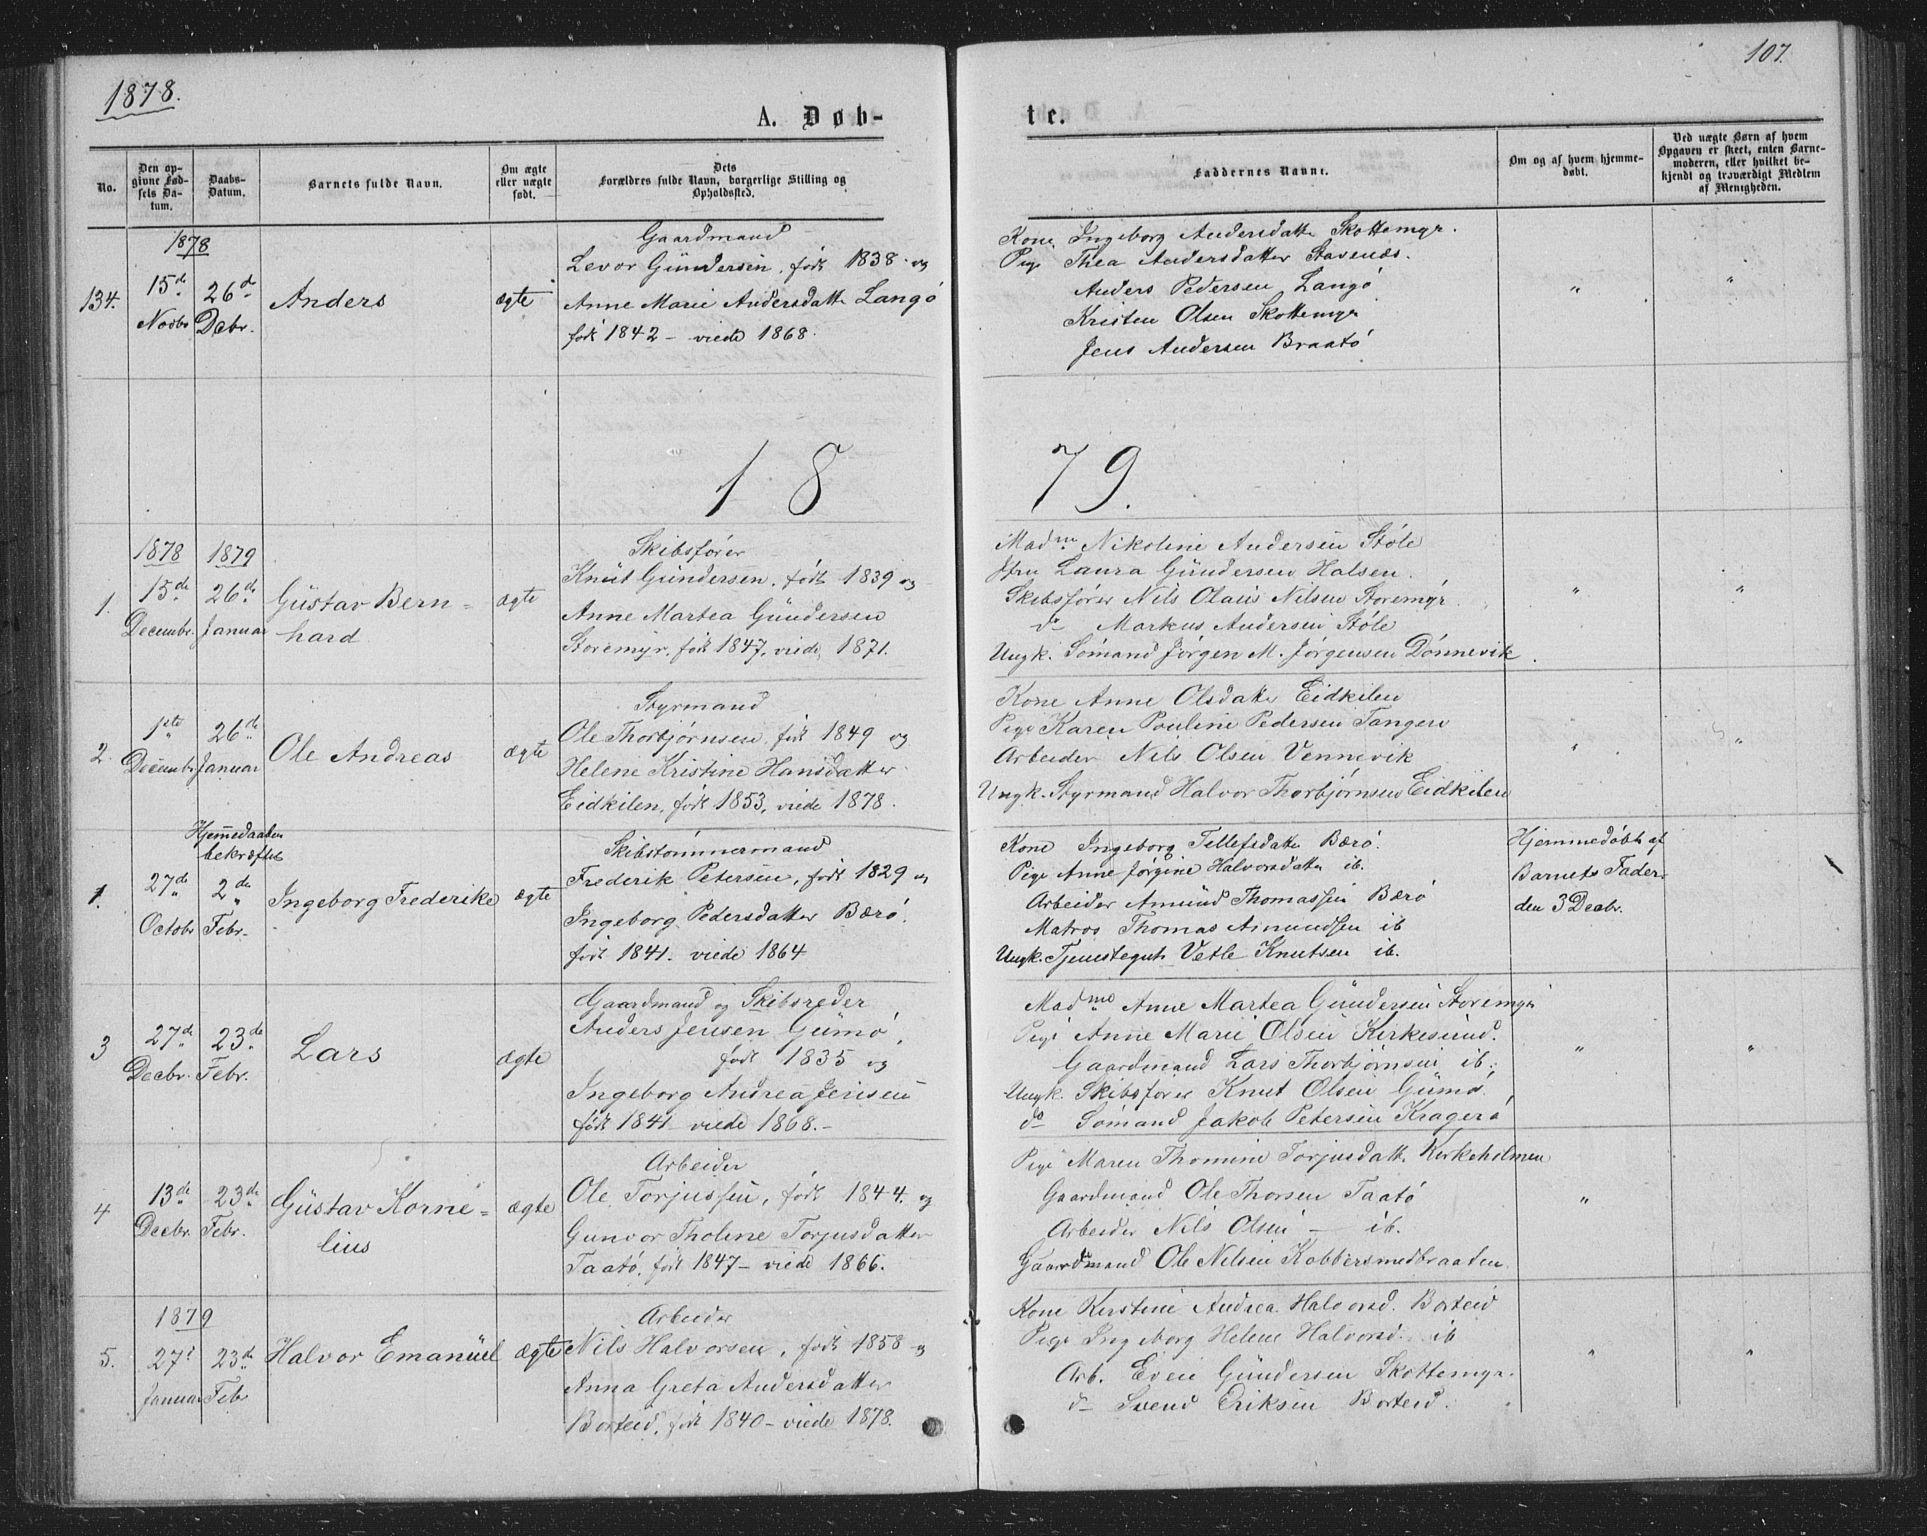 SAKO, Skåtøy kirkebøker, G/Ga/L0002: Klokkerbok nr. I 2, 1872-1884, s. 107